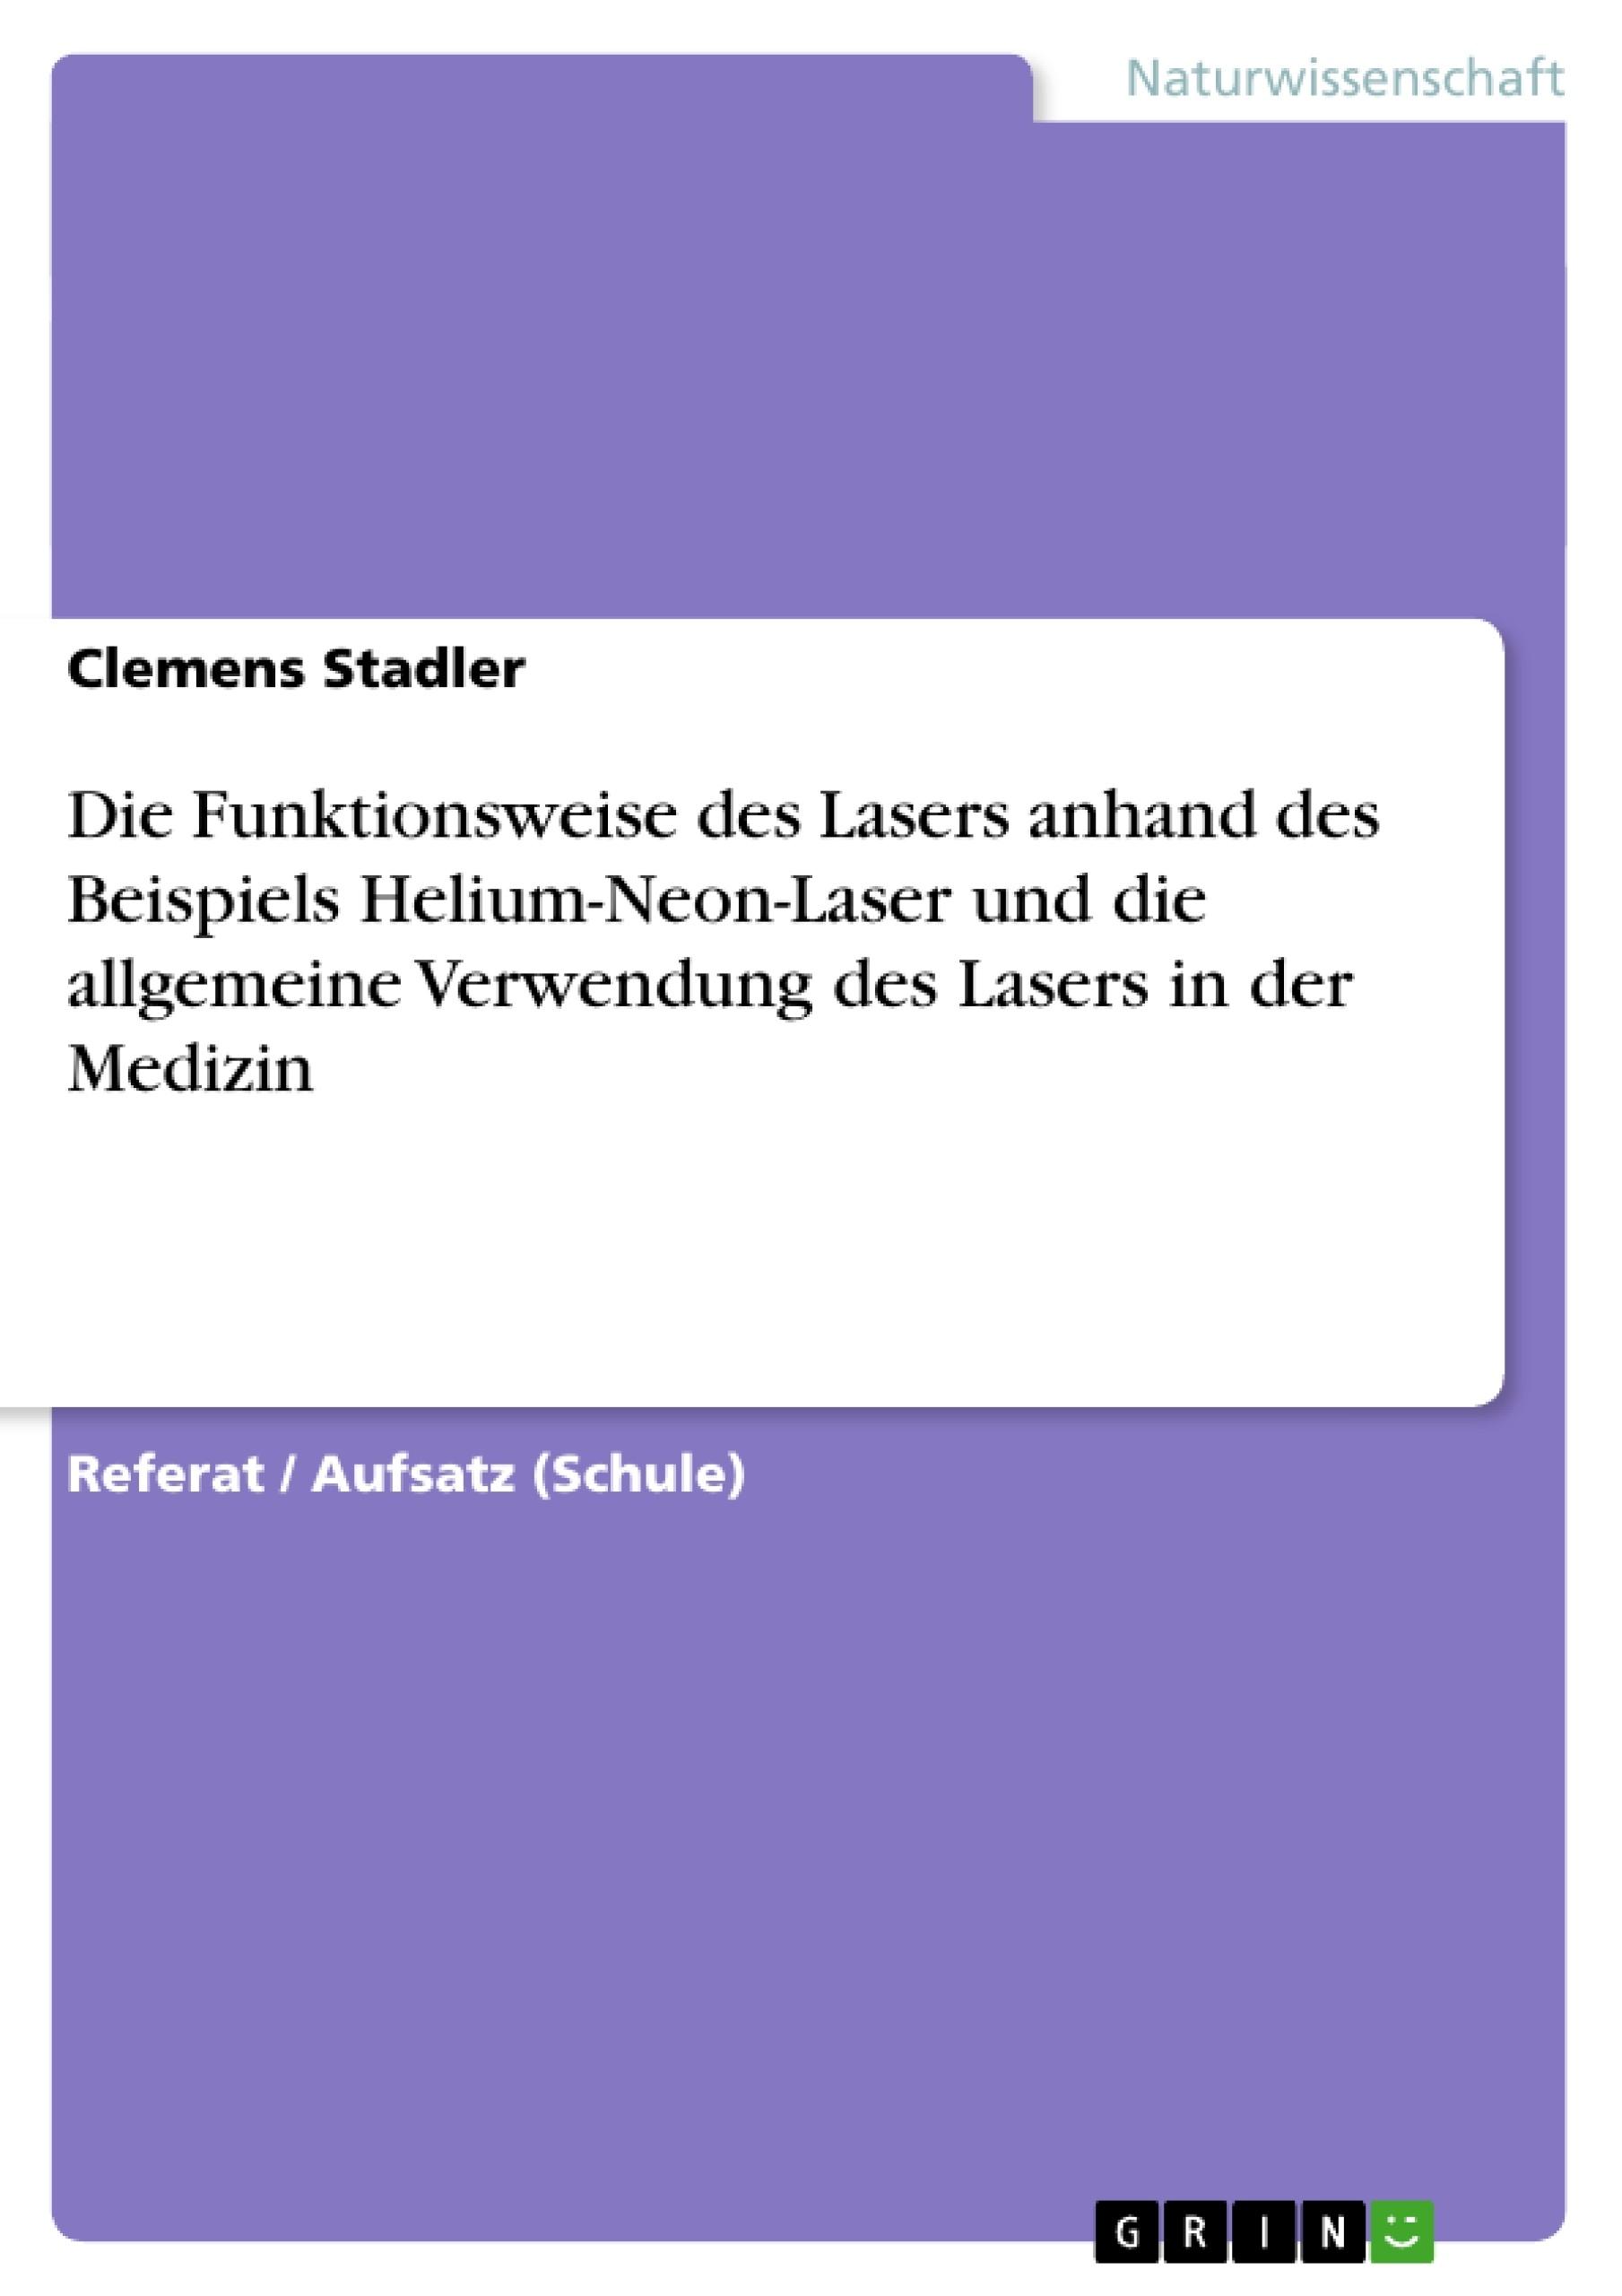 Titel: Die Funktionsweise des Lasers anhand des Beispiels Helium-Neon-Laser und die allgemeine Verwendung des Lasers in der Medizin